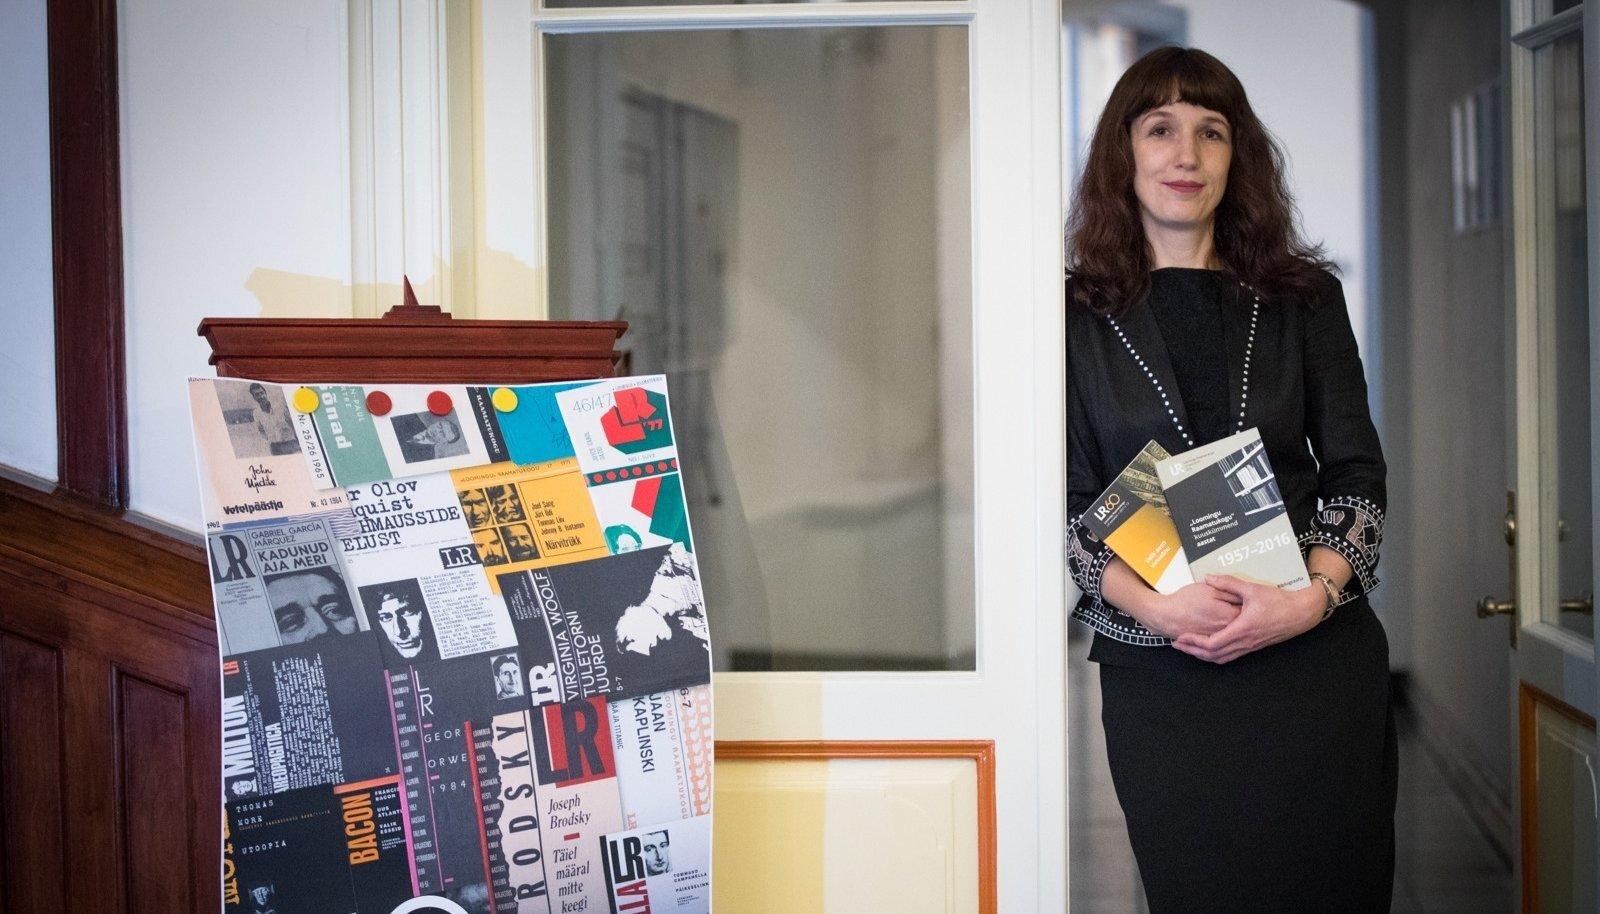 Tõlkija ja toimetaja Triinu Tamm valiti Loomingu Raamatukogu peatoimetajaks 2013. aastal.